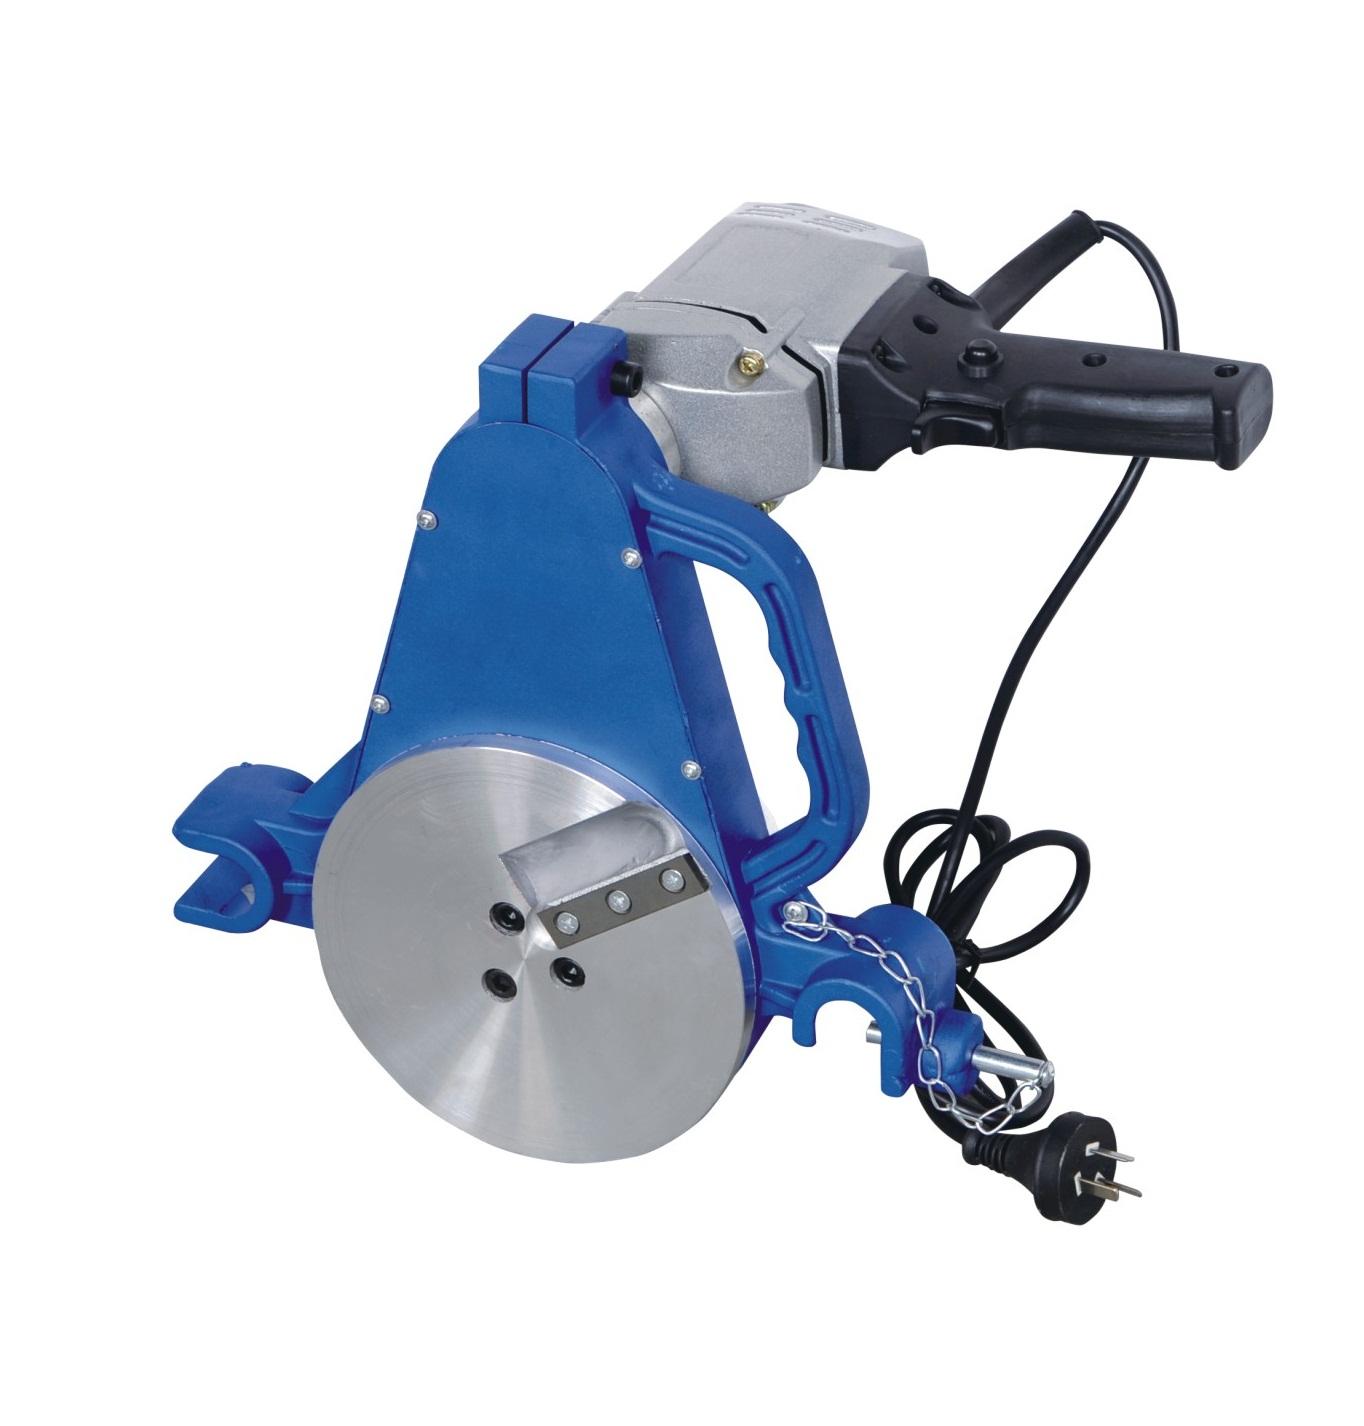 Аренда аппарат для сварки полиэтиленовых труб HDT 160 - фото Торцеватель HDT 160